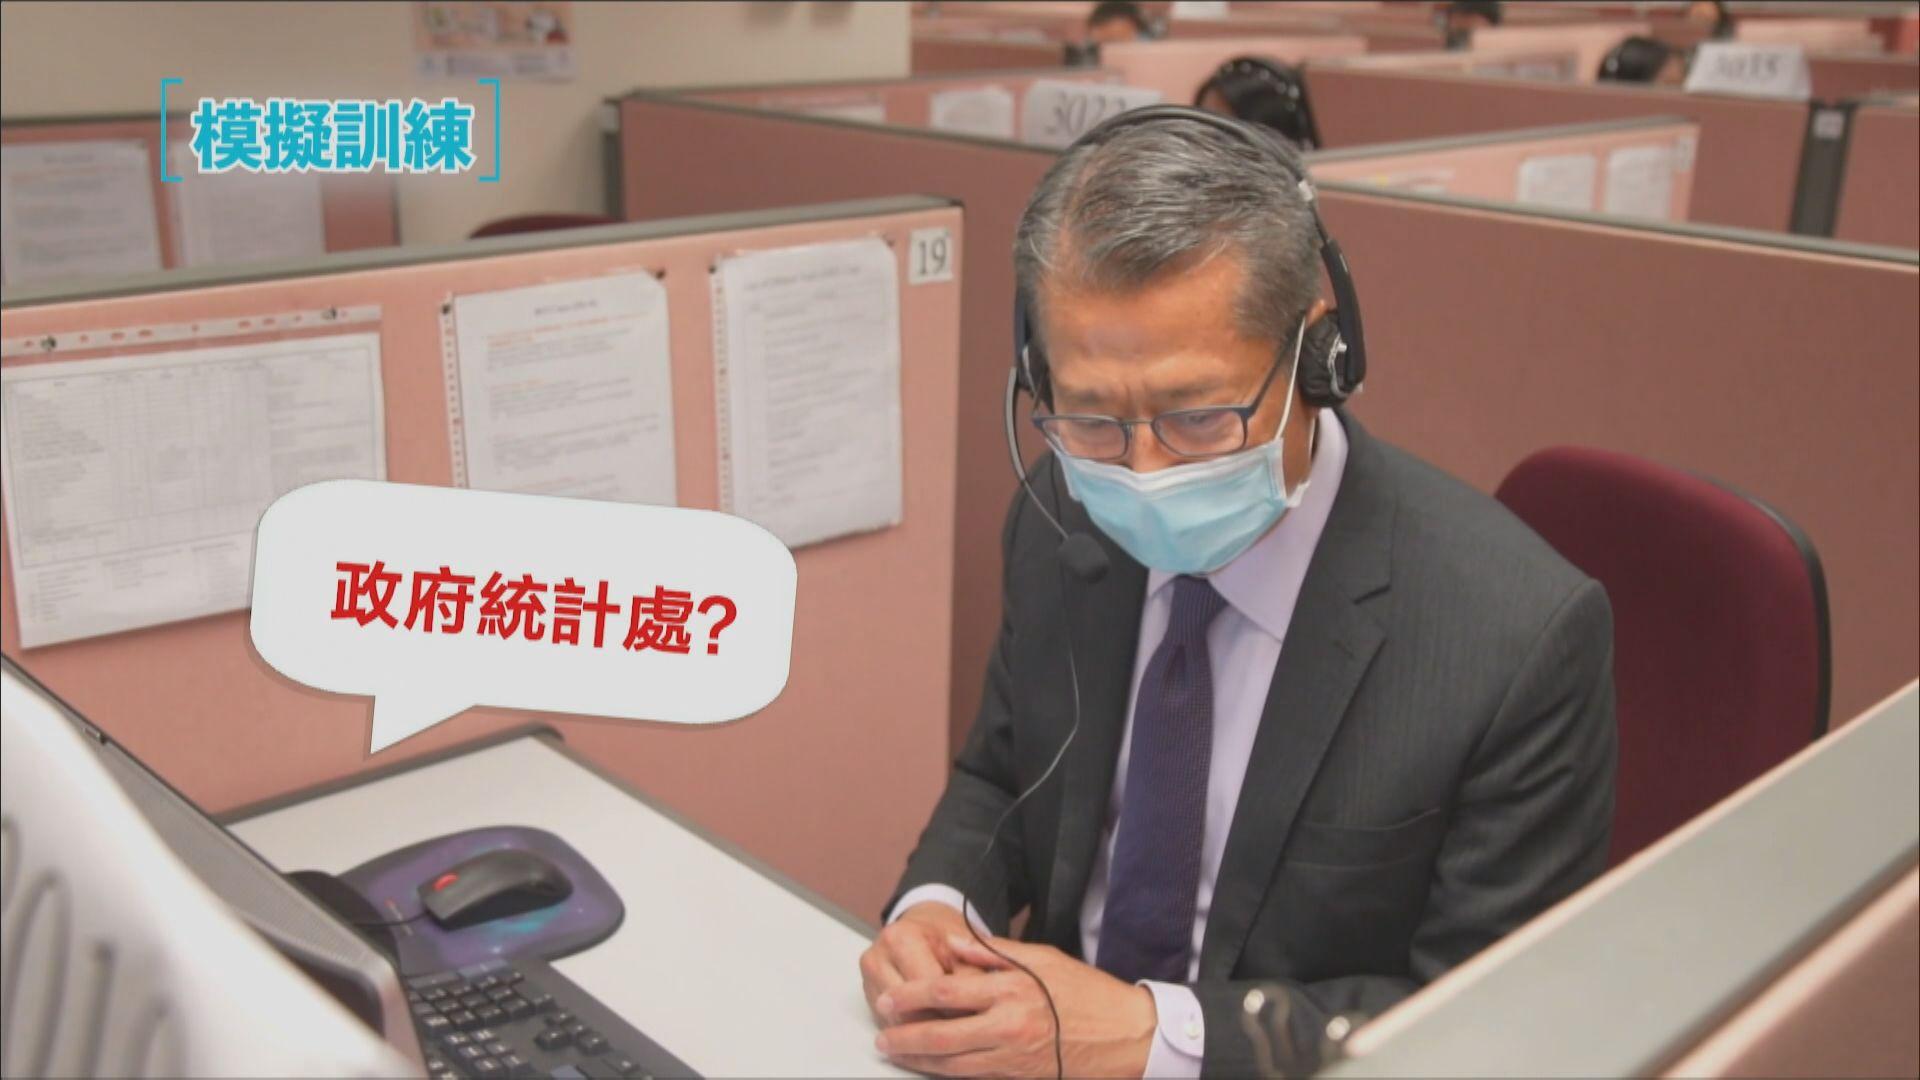 陳茂波:明年人口普查將加強運用科技搜集數據